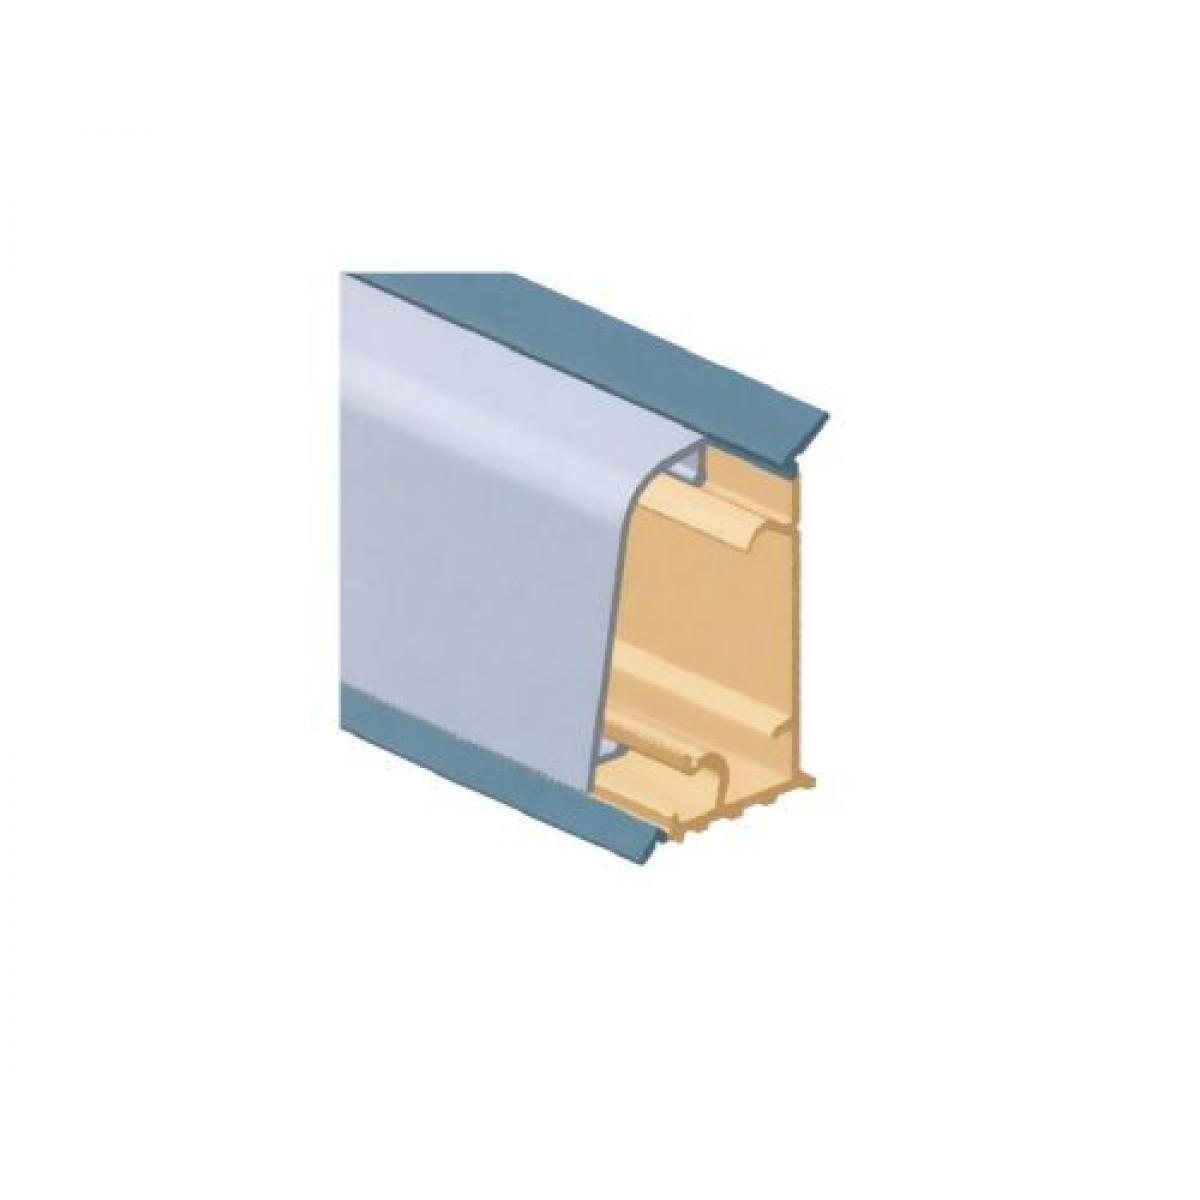 Плинтус столешницы M3000, с алюминиевой вставкой L=4000 цвет алюминий